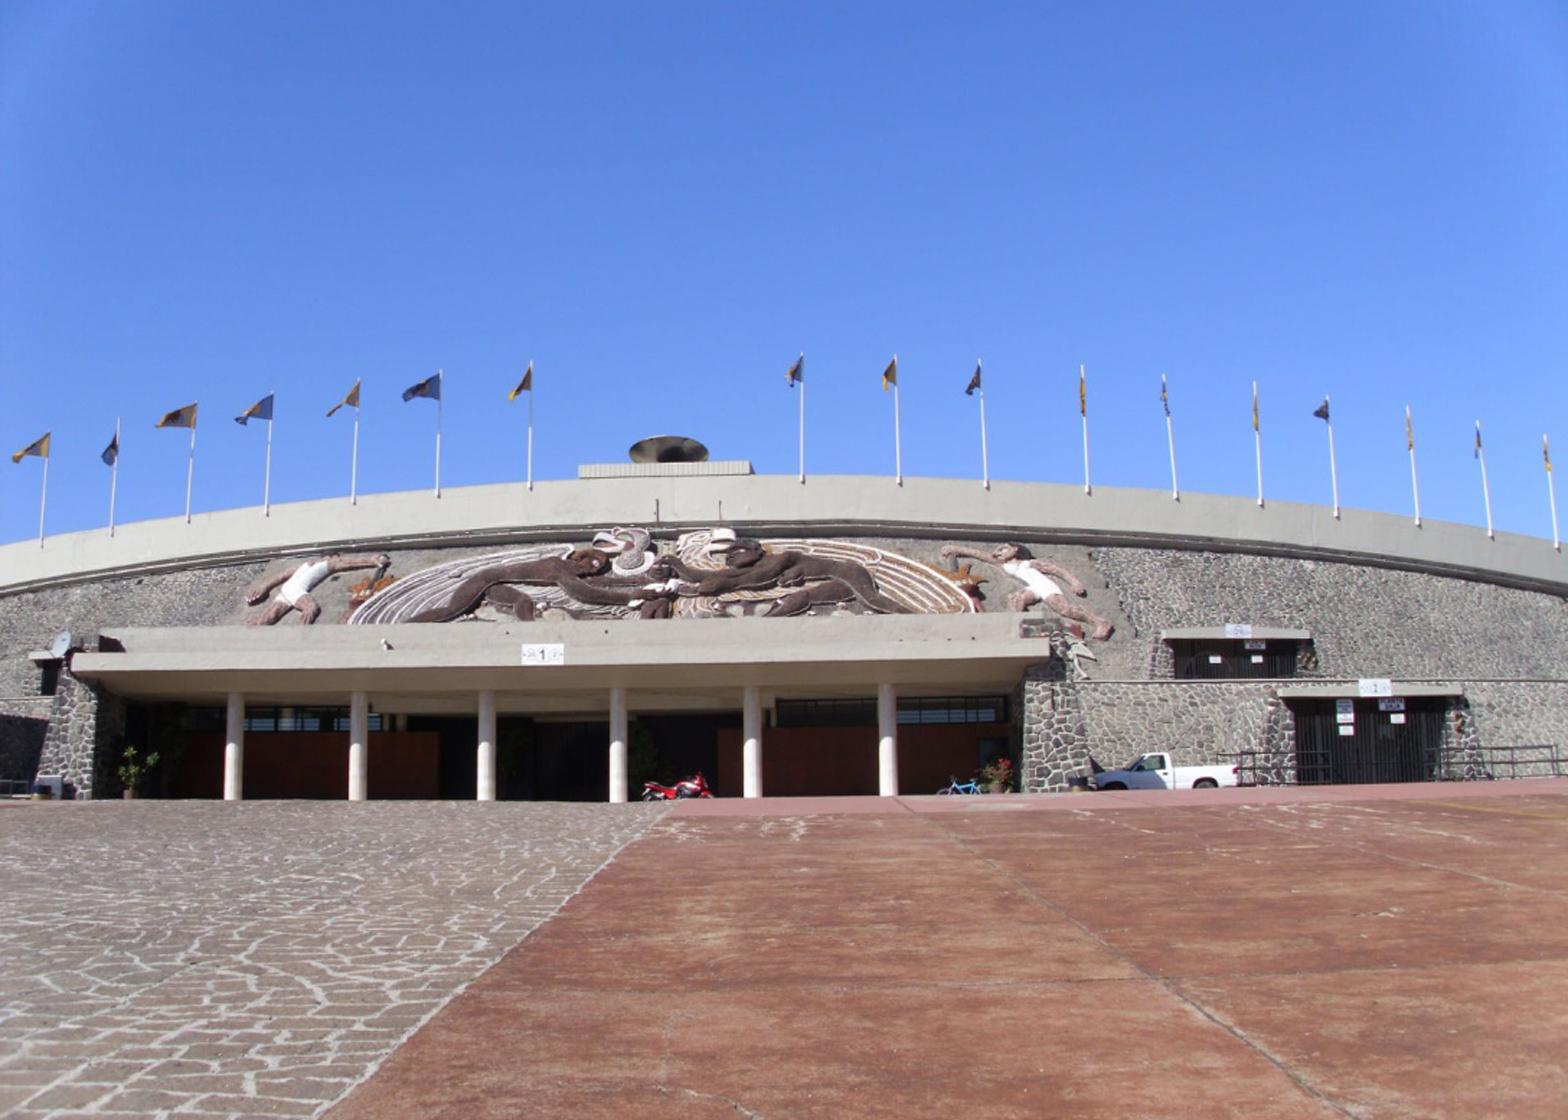 Estadio Olímpico Universitario by Augusto Perez, Raul Salinas and Jorge Bravo Moro, Mexico City 1968